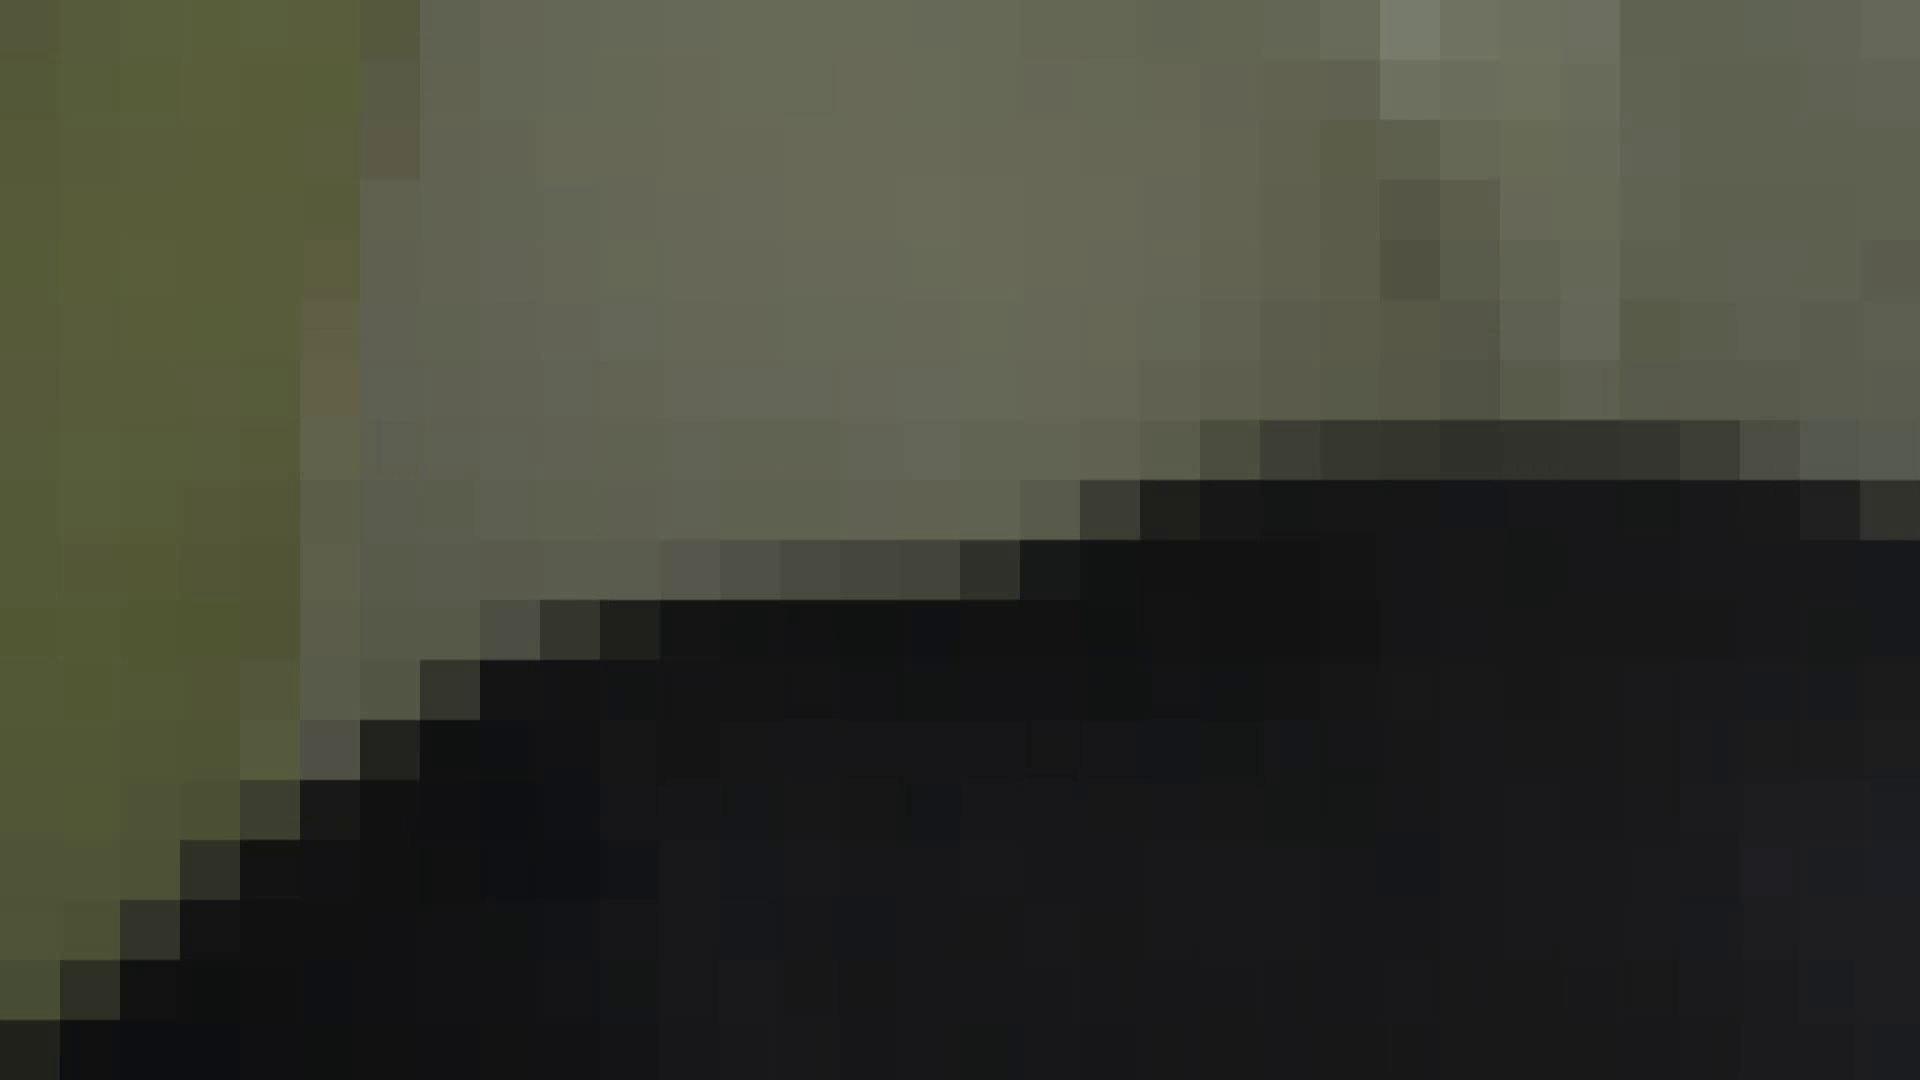 洗面所特攻隊vol.013 高画質  74画像 68